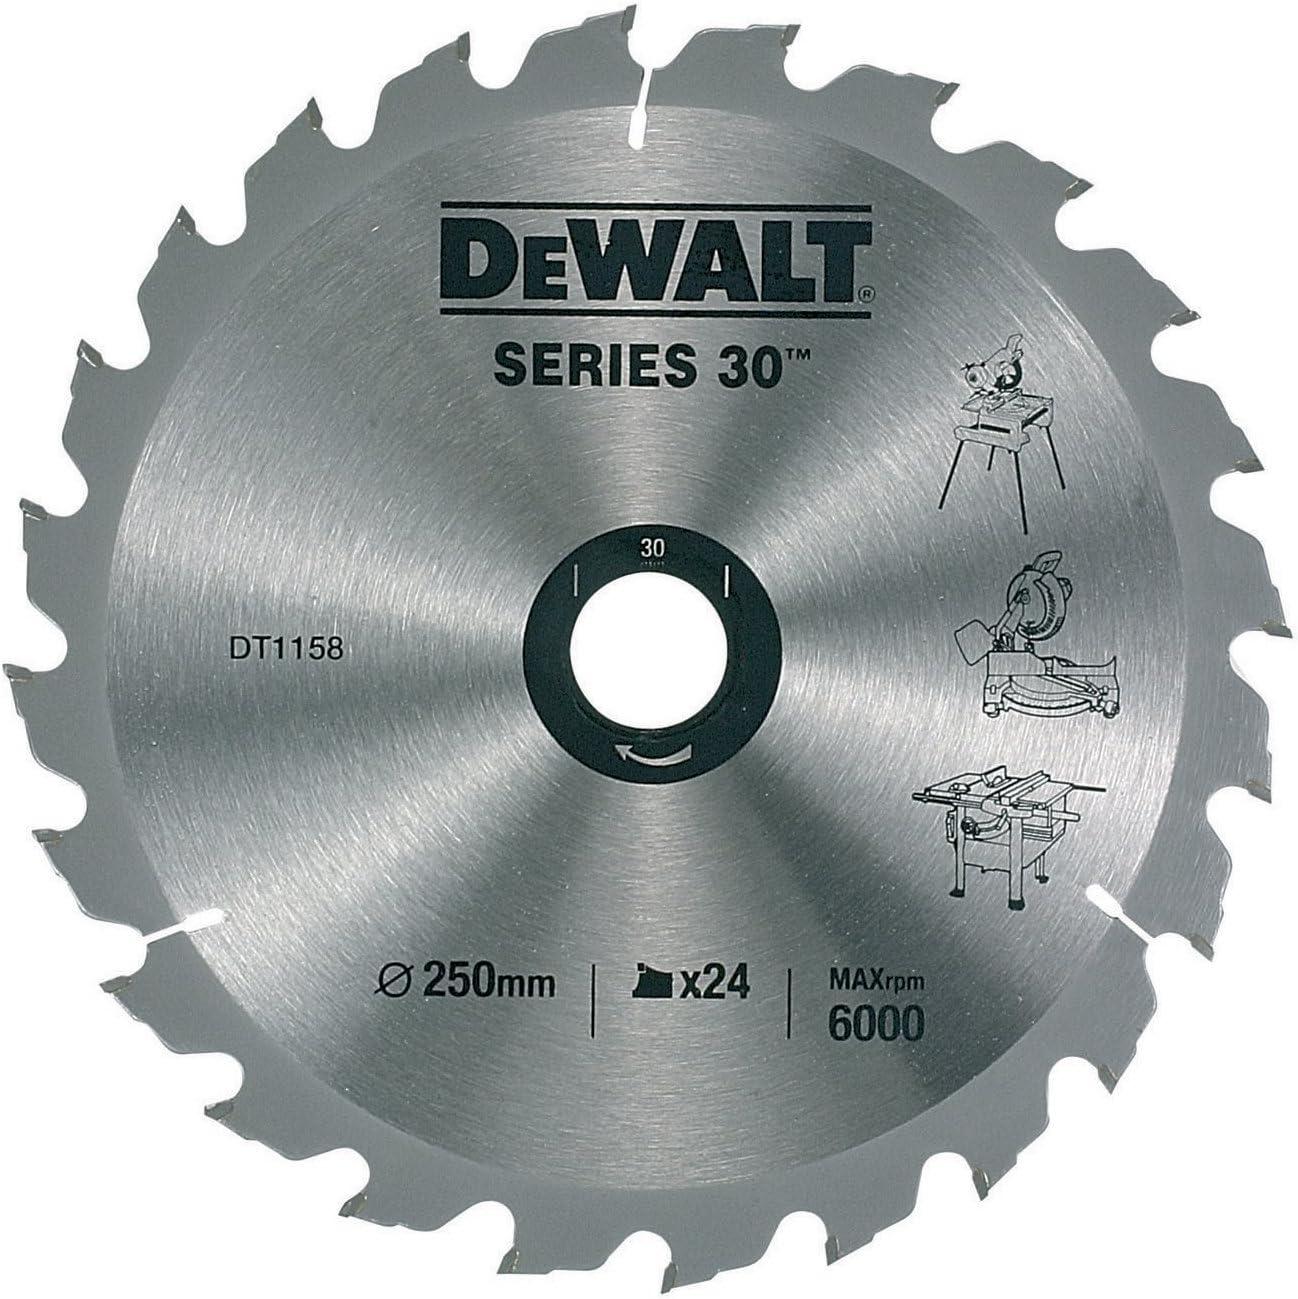 Dewalt-DT99562-QZ Extreme TCT lame de scie circulaire 24 T 190 x 30 mm